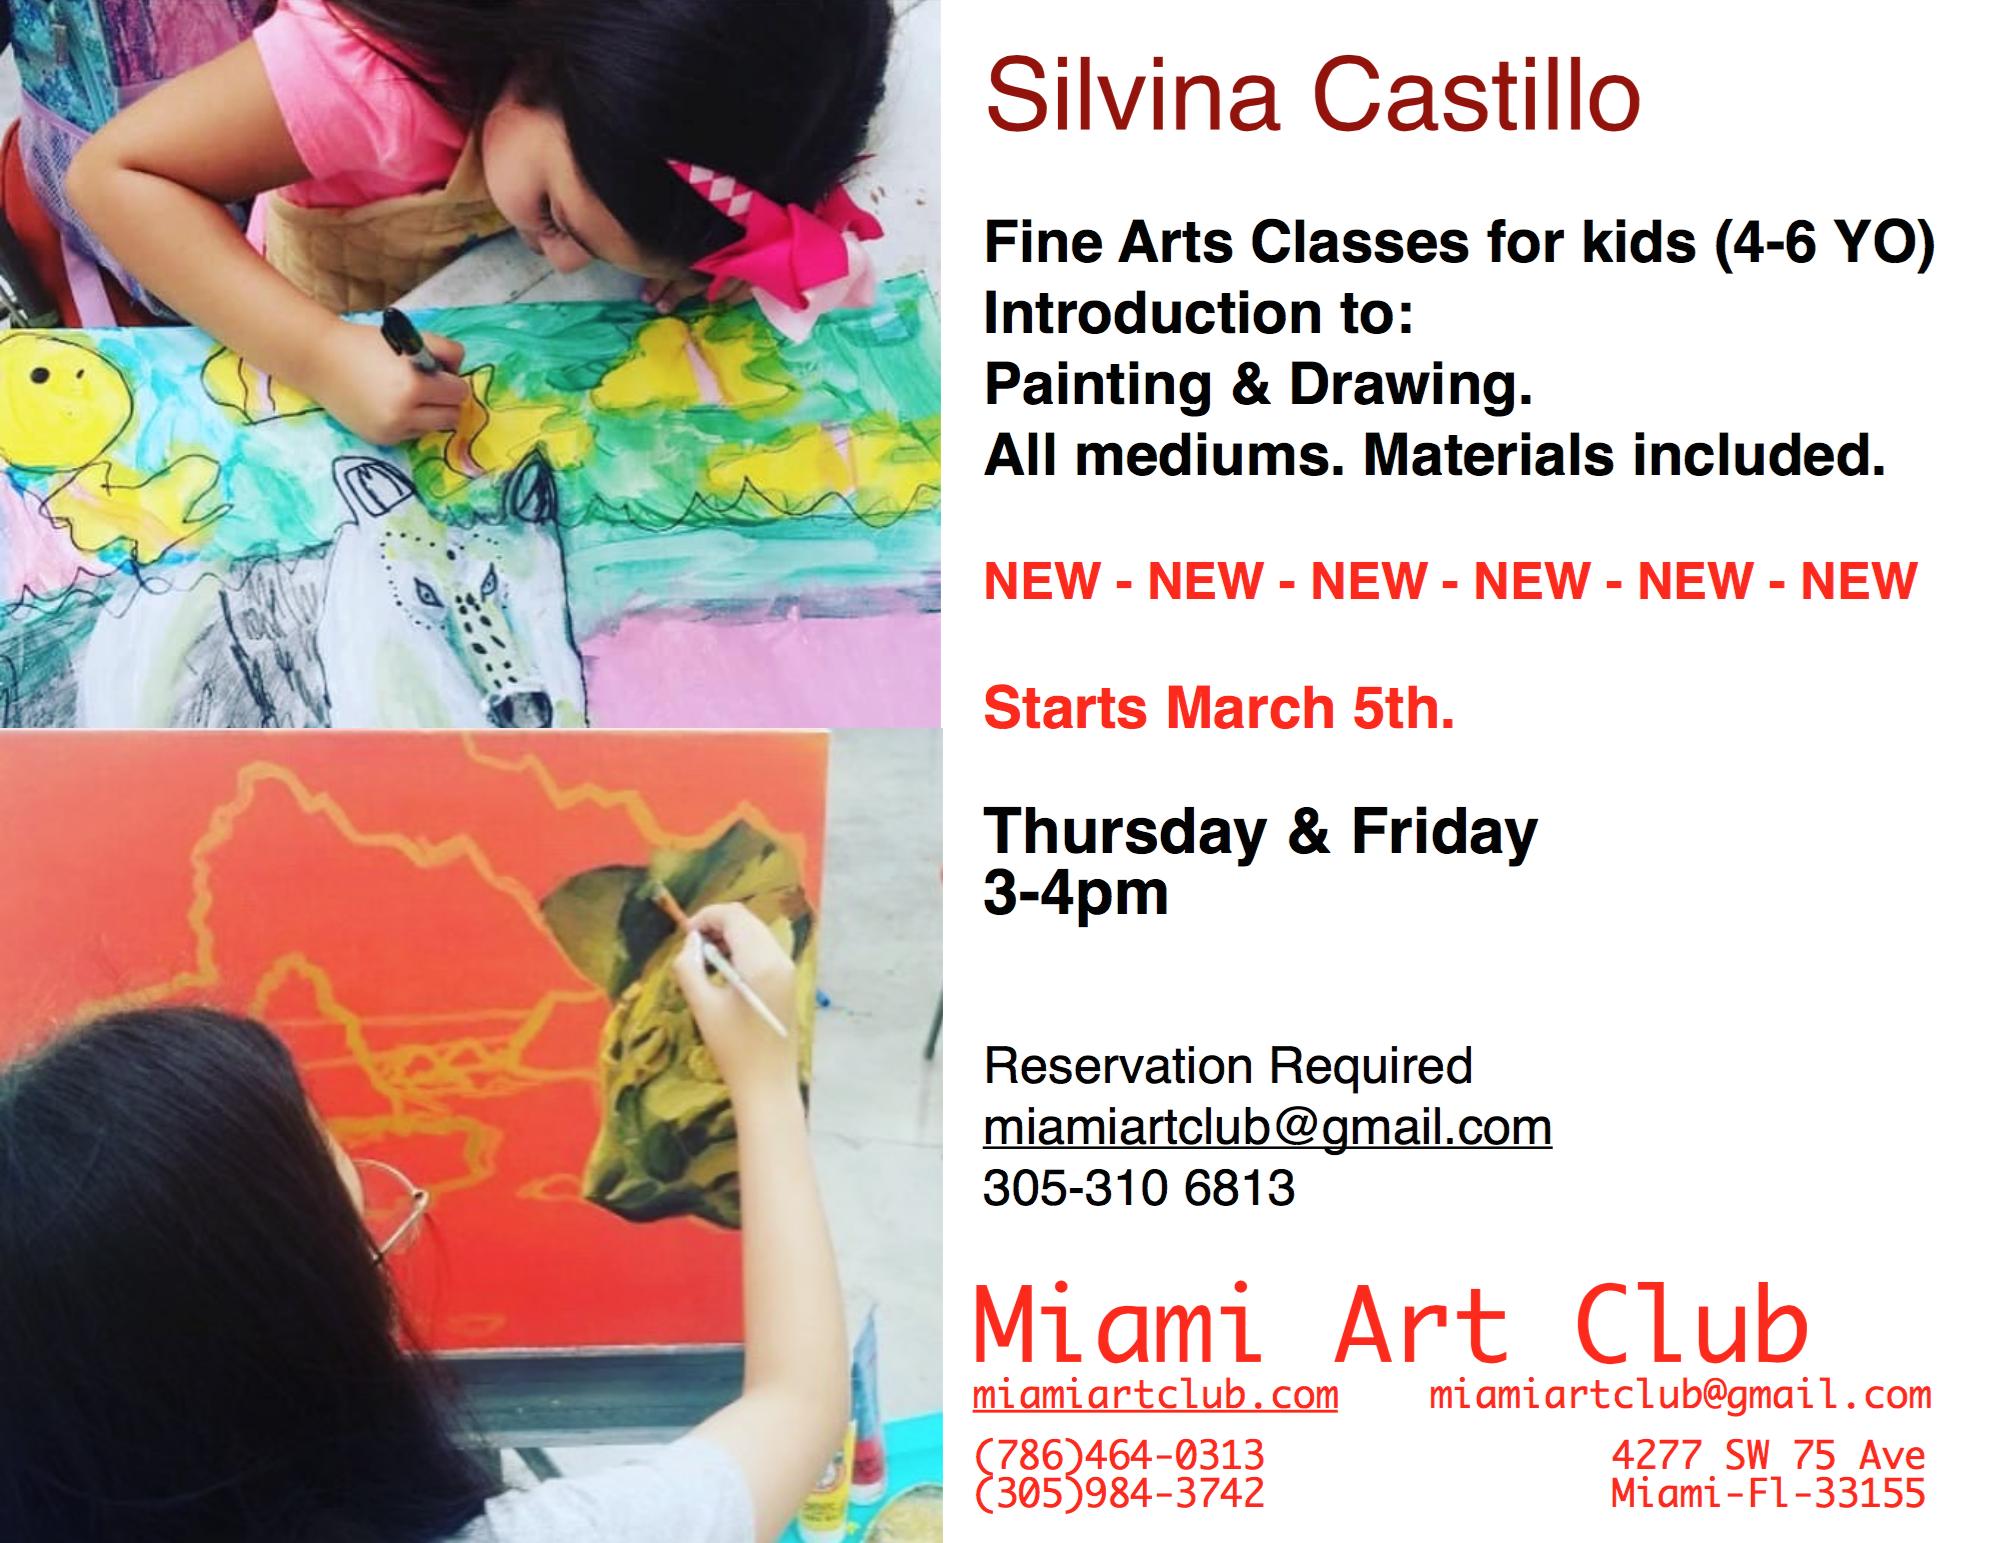 Fine Arts Classes for Kids (4-6yo)